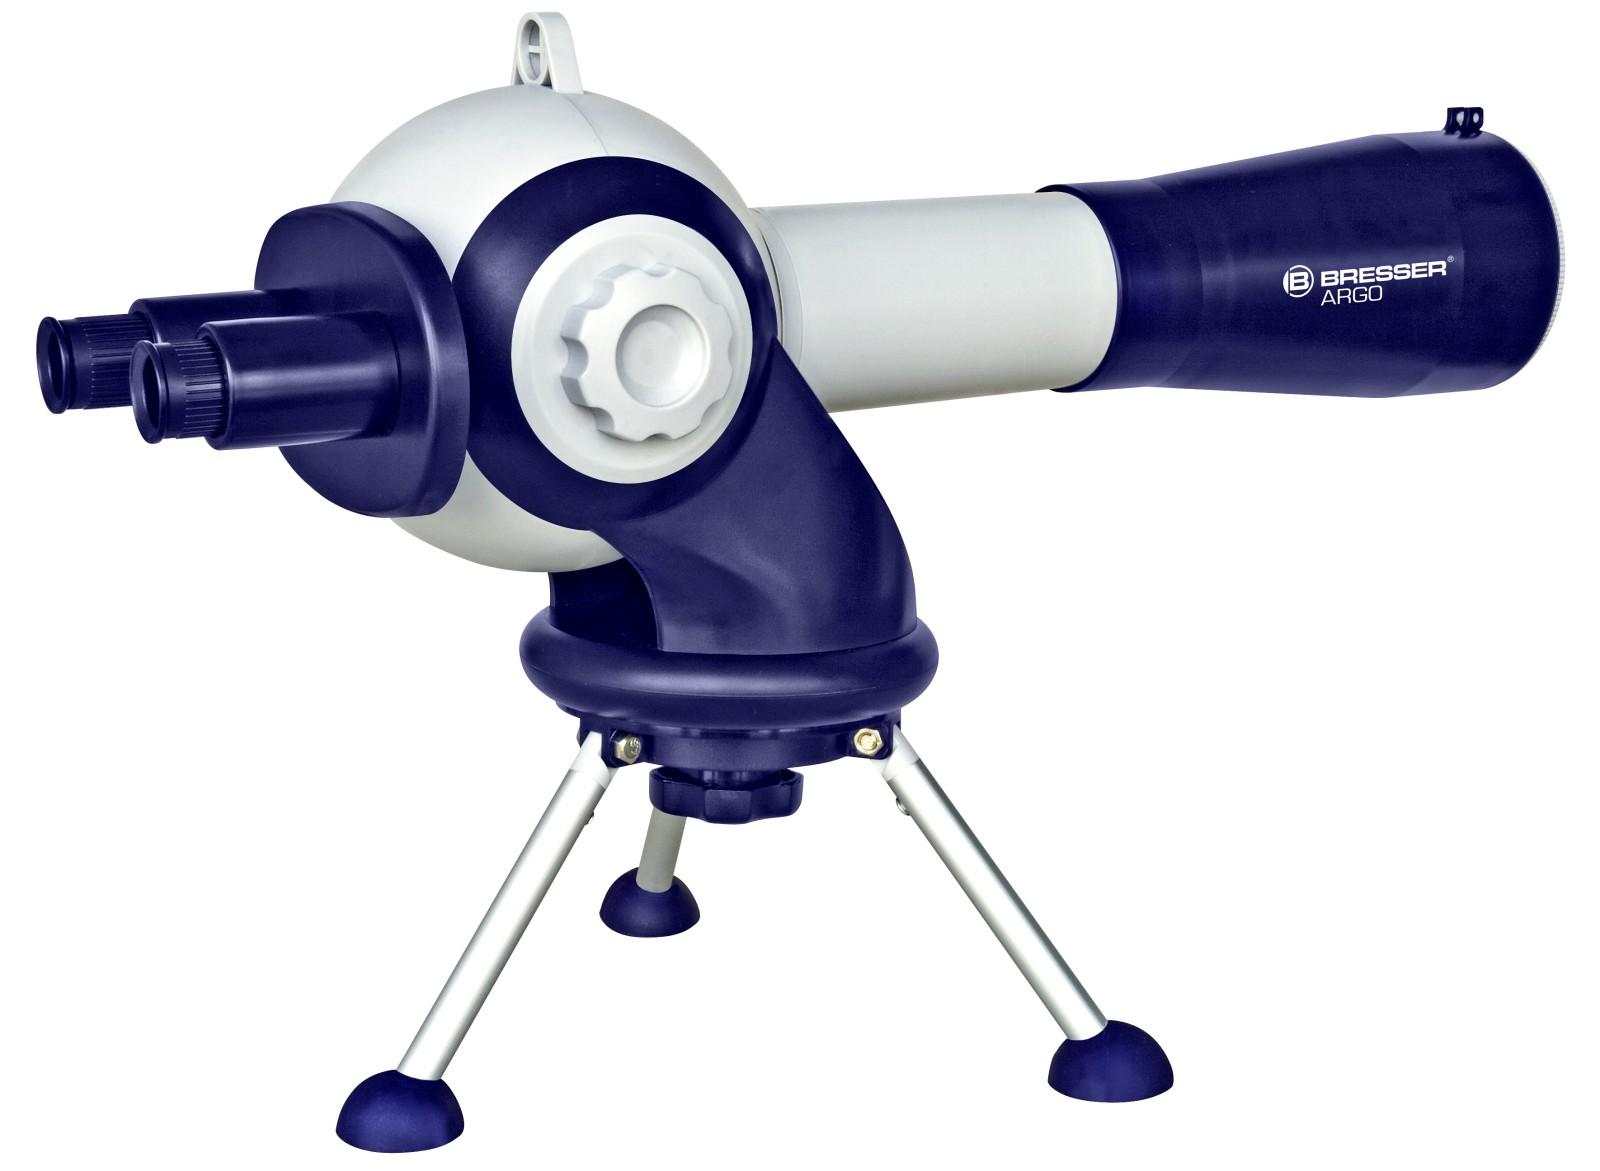 Ergebnisse zu mikroskope mikroskop kaufen